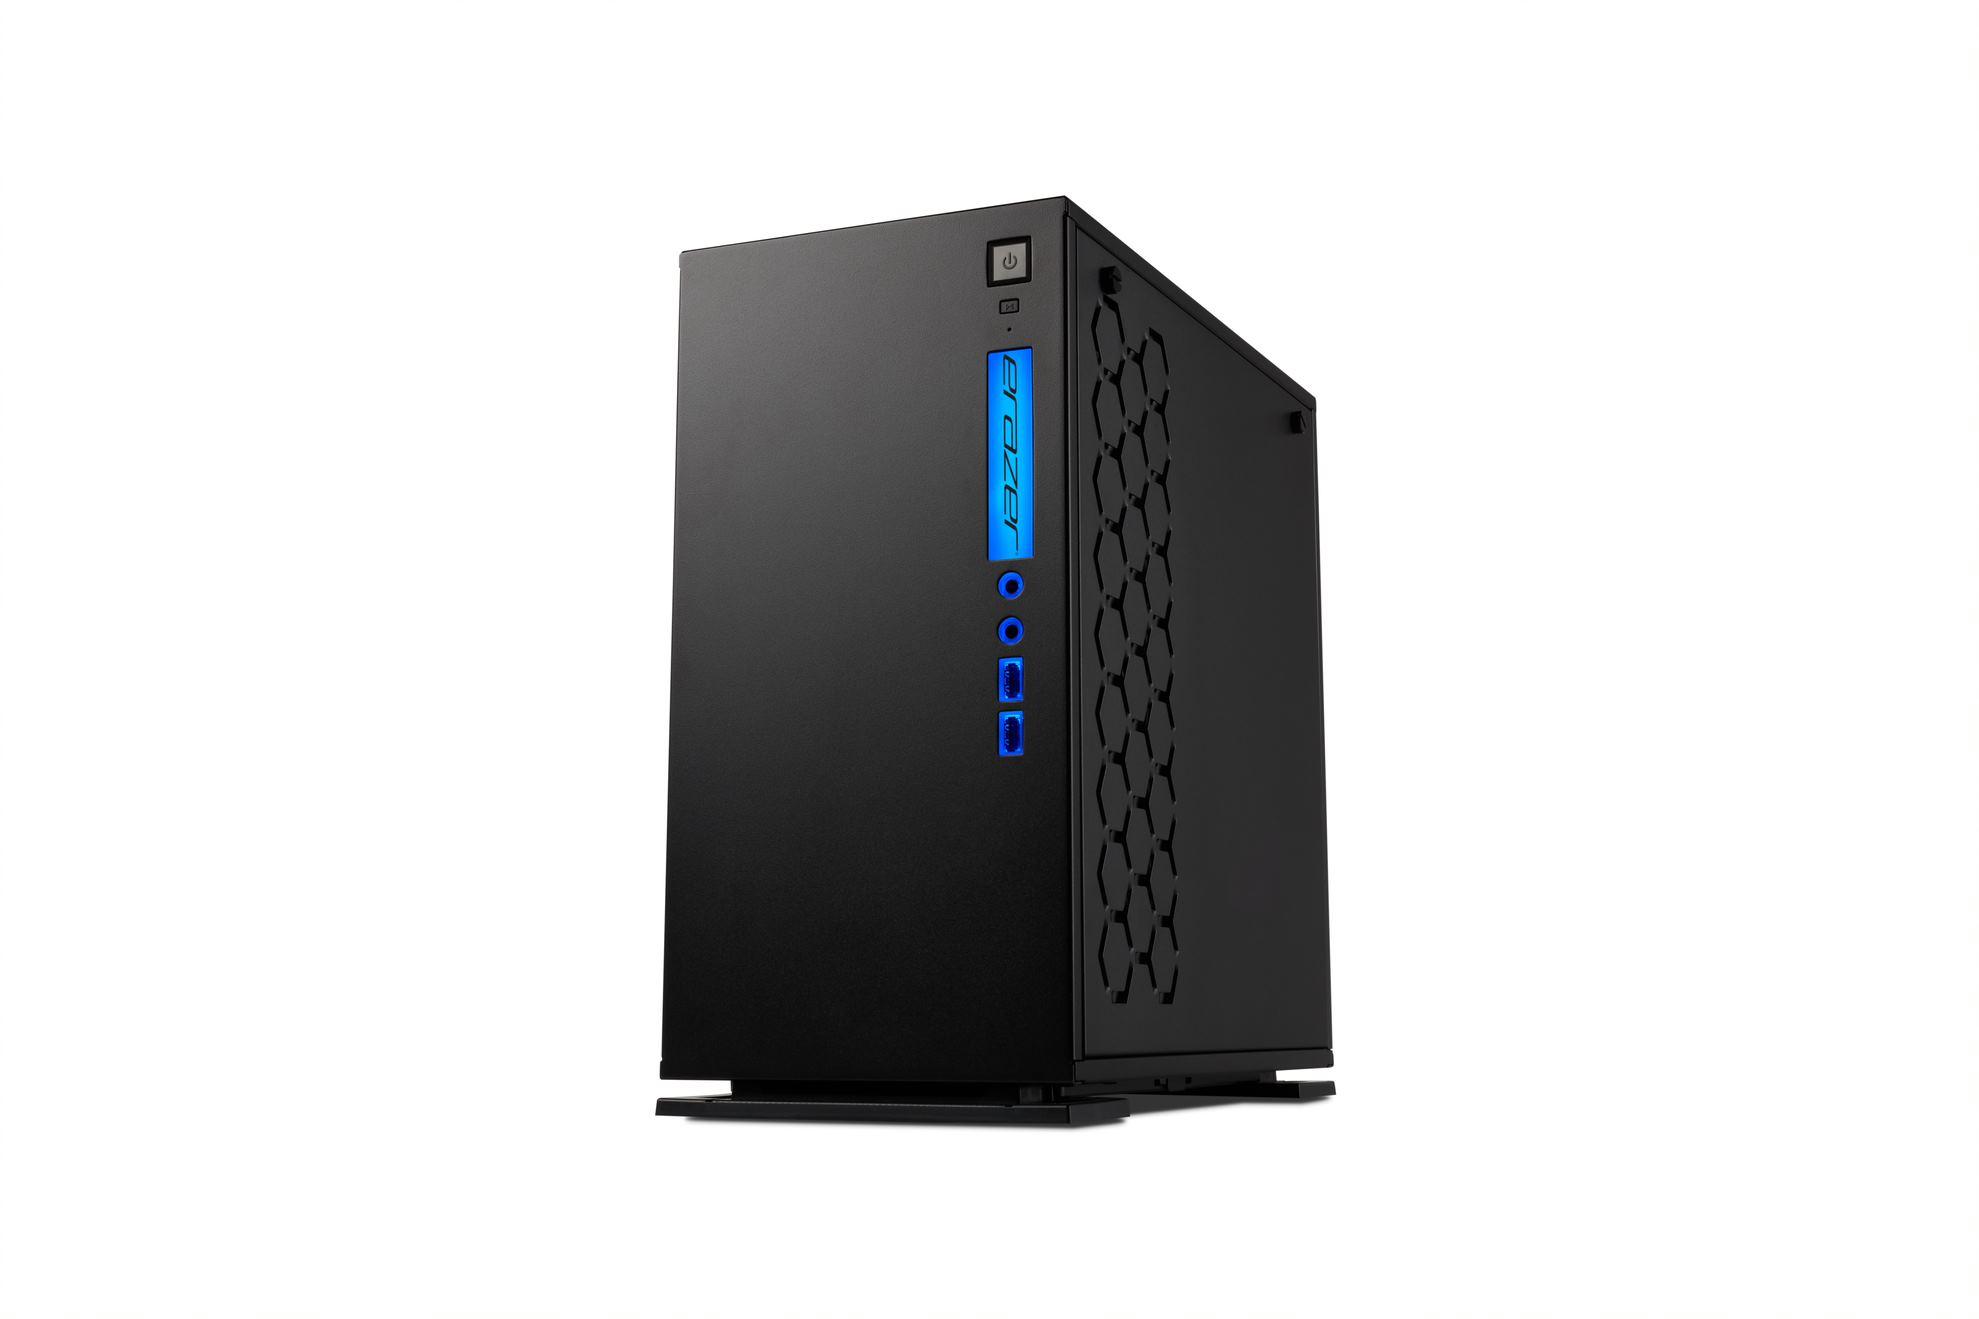 Erazer Engineer P10: Aldi bringt Gaming-PC für 850 Euro von Medion - Medion Erazer Engineer P10 (Bild: Medion)